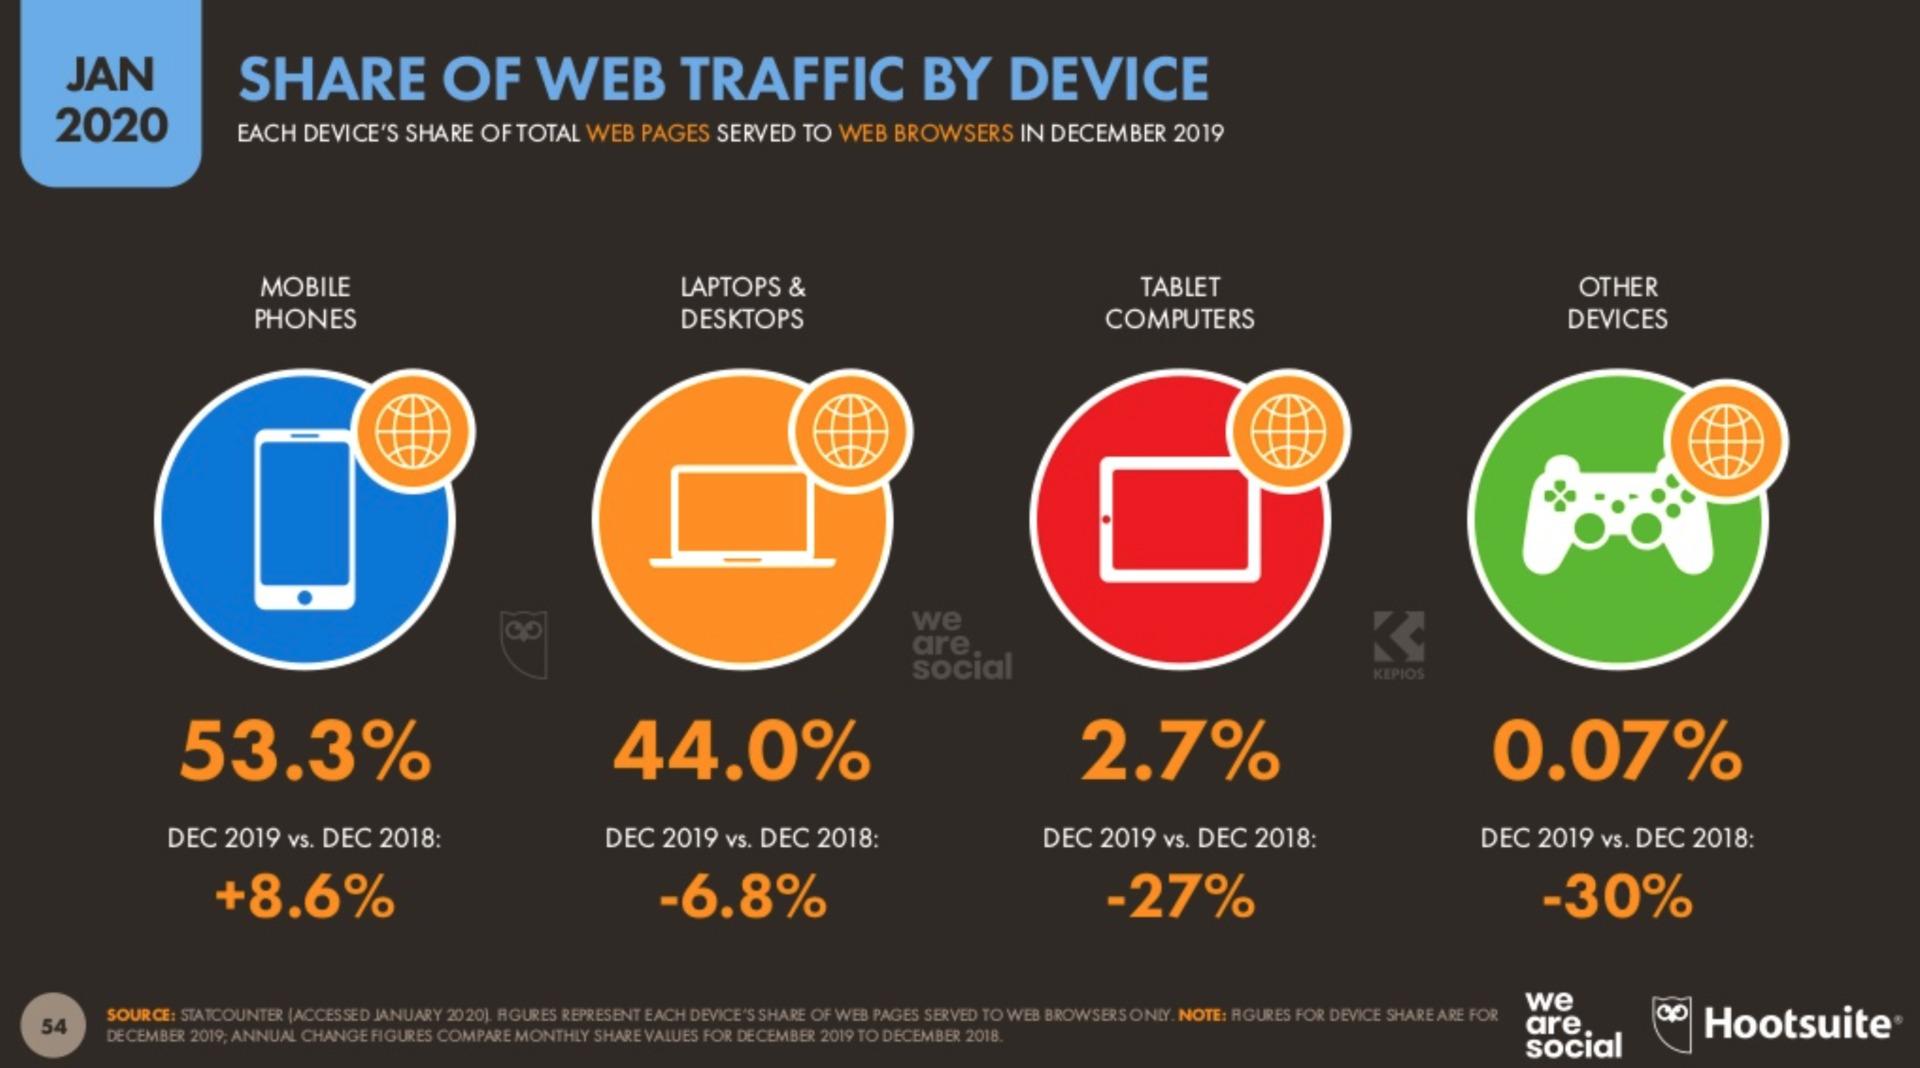 ネット使用時の端末のパーセンテージ